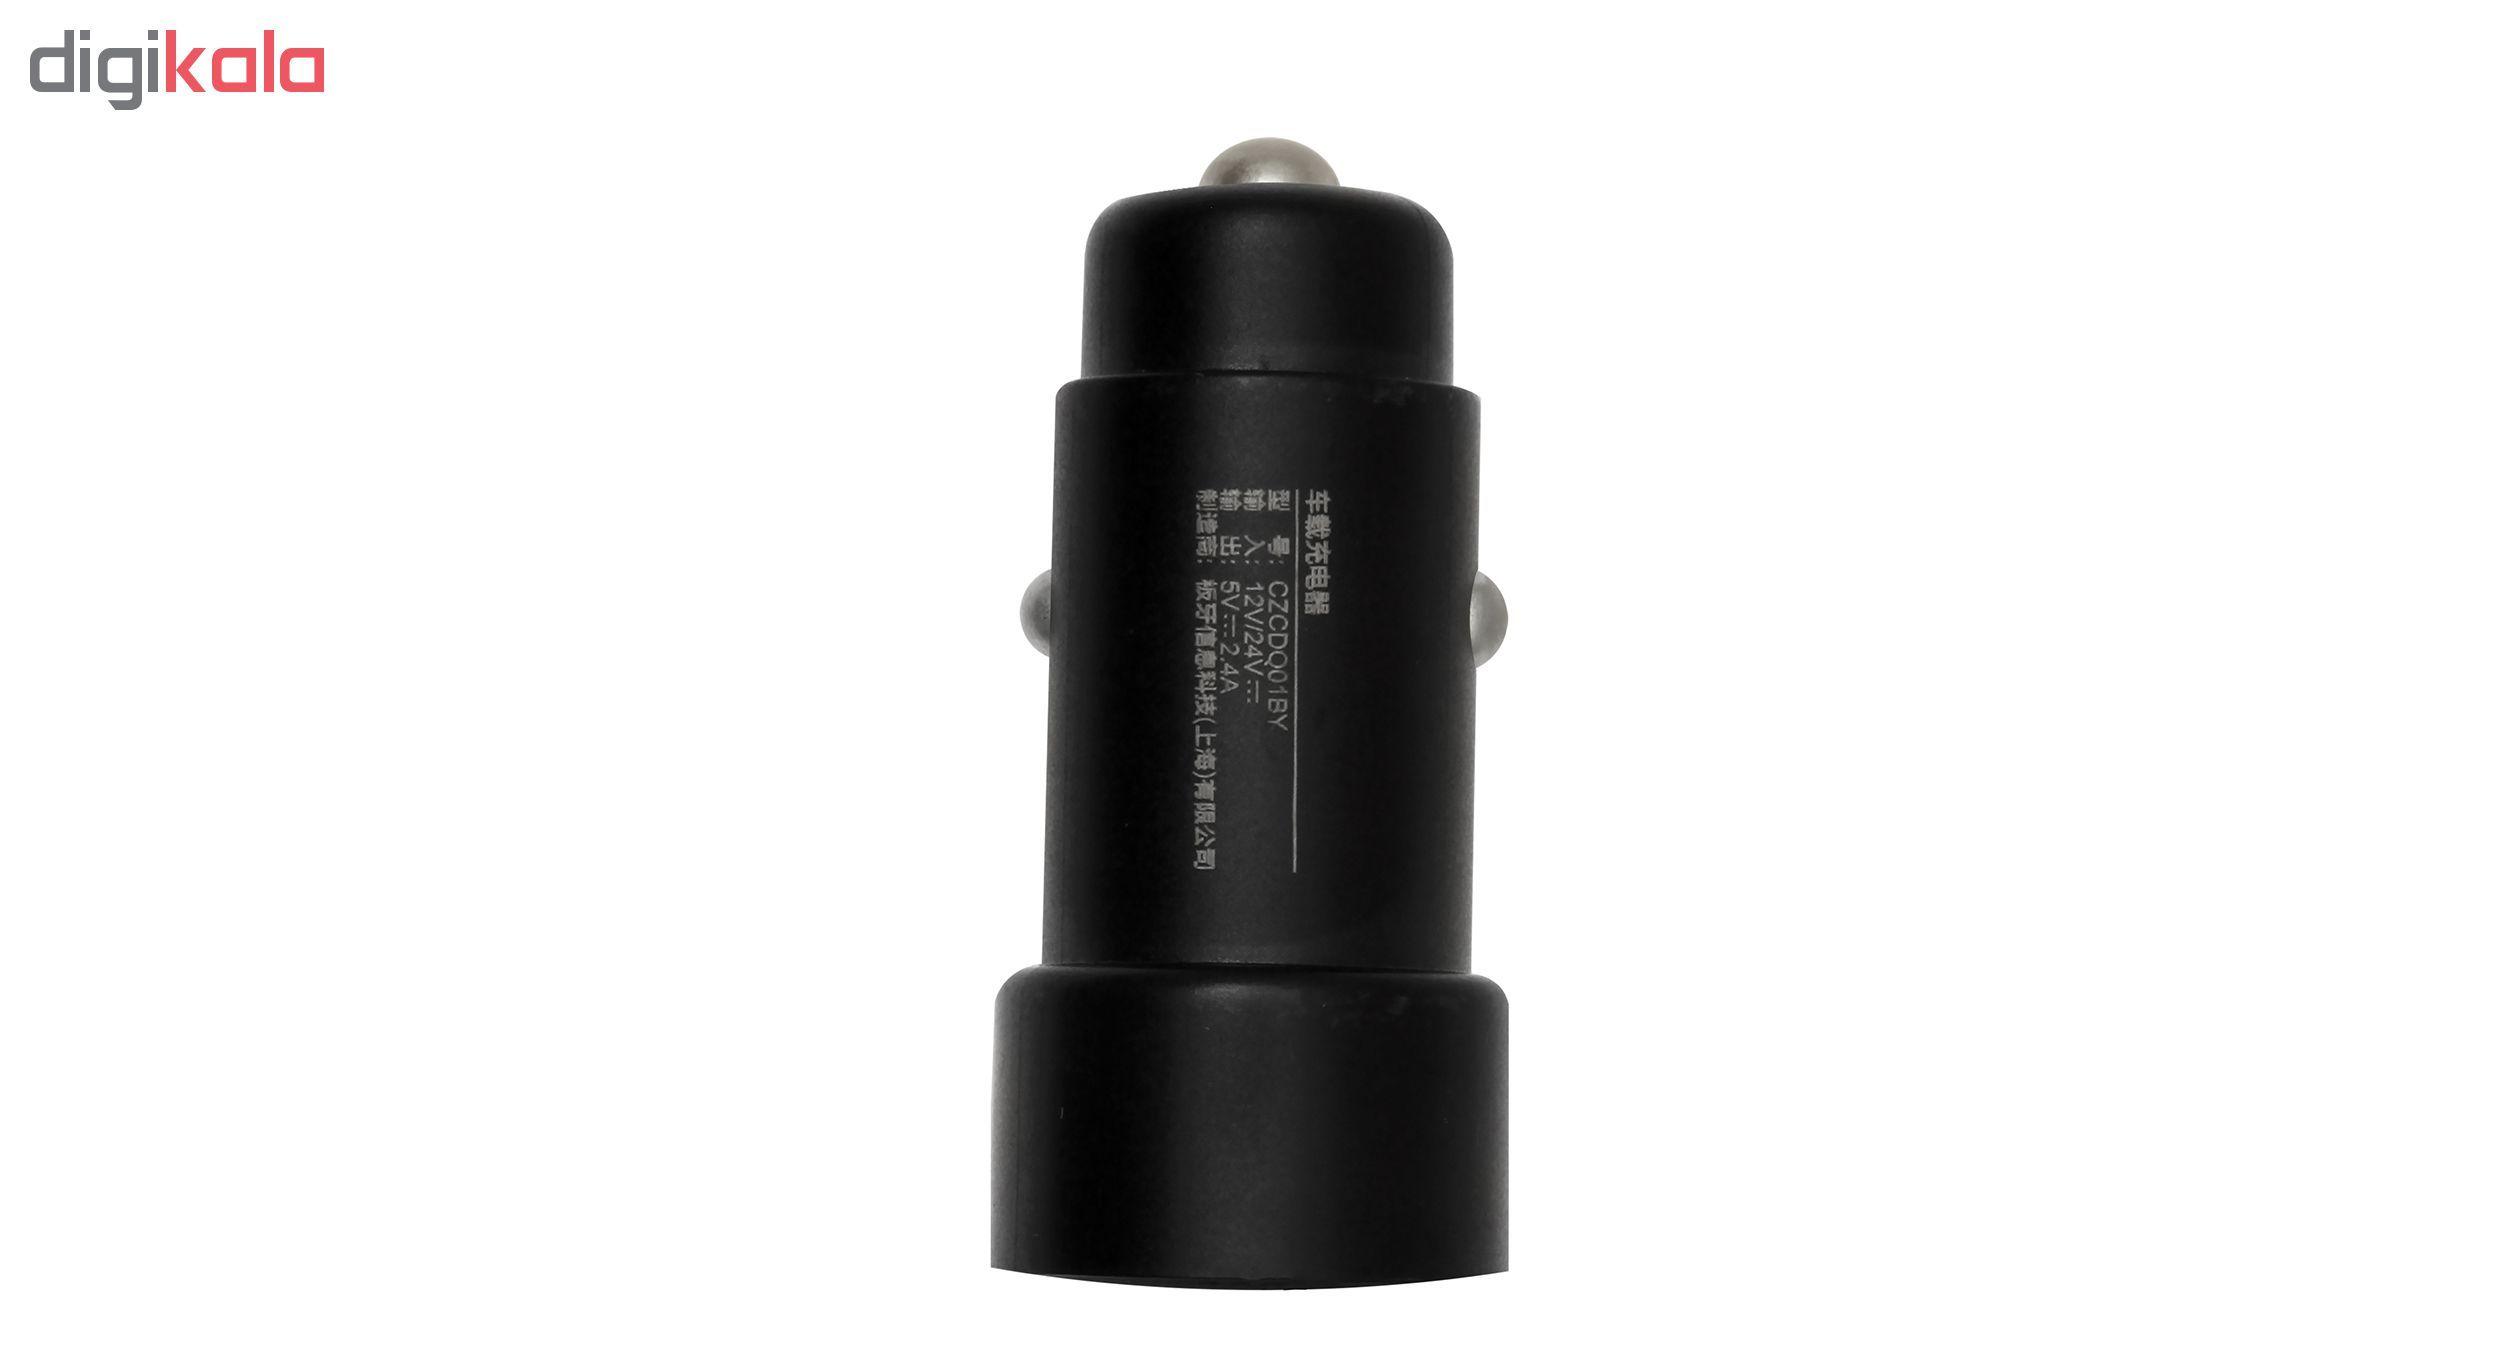 شارژر فندکی مدل CZCDQ01BY main 1 1